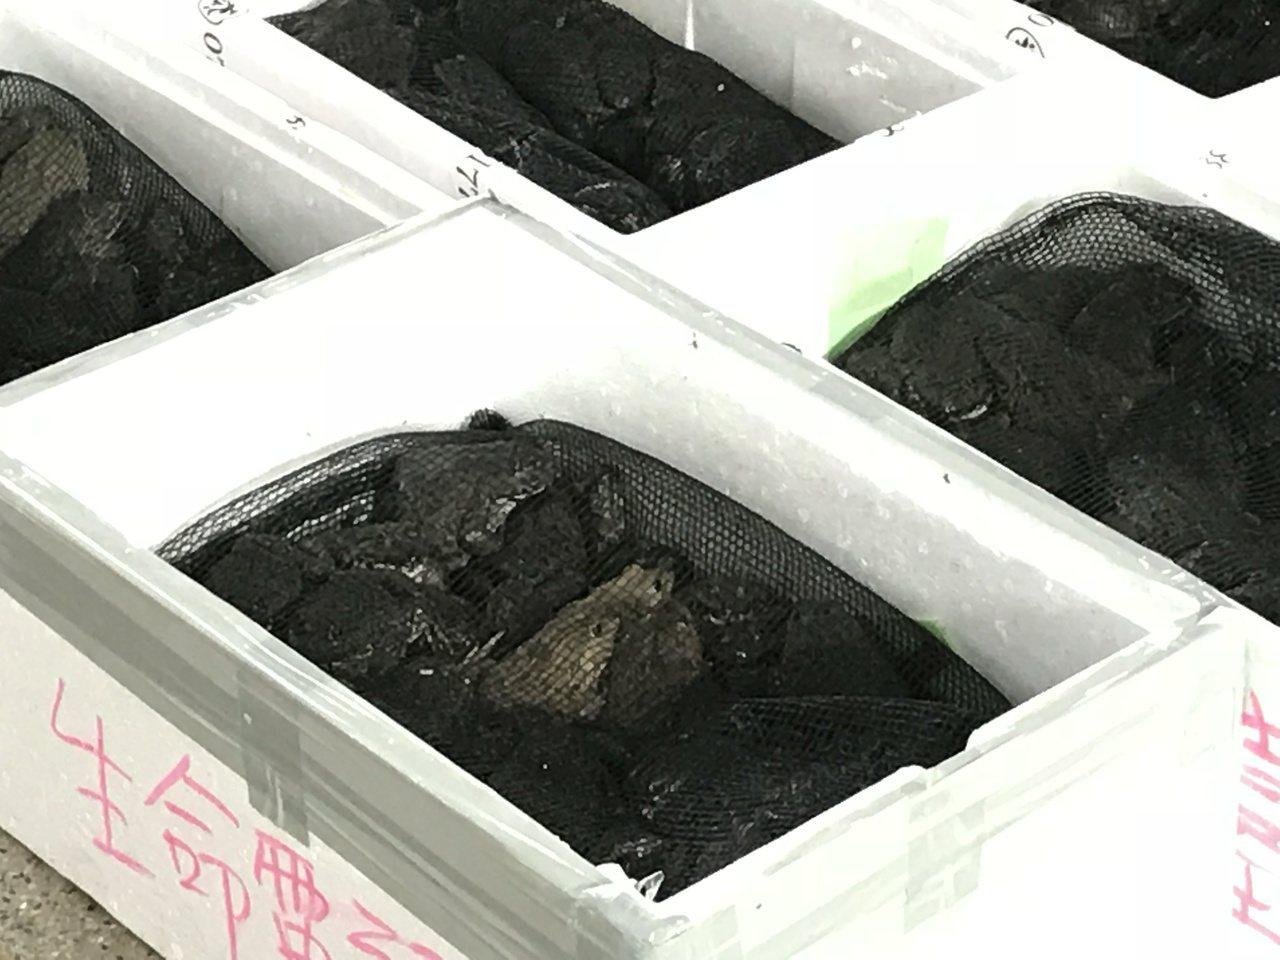 嘉市漁市場普度法會 海濤語出驚人「放生蟒蛇」